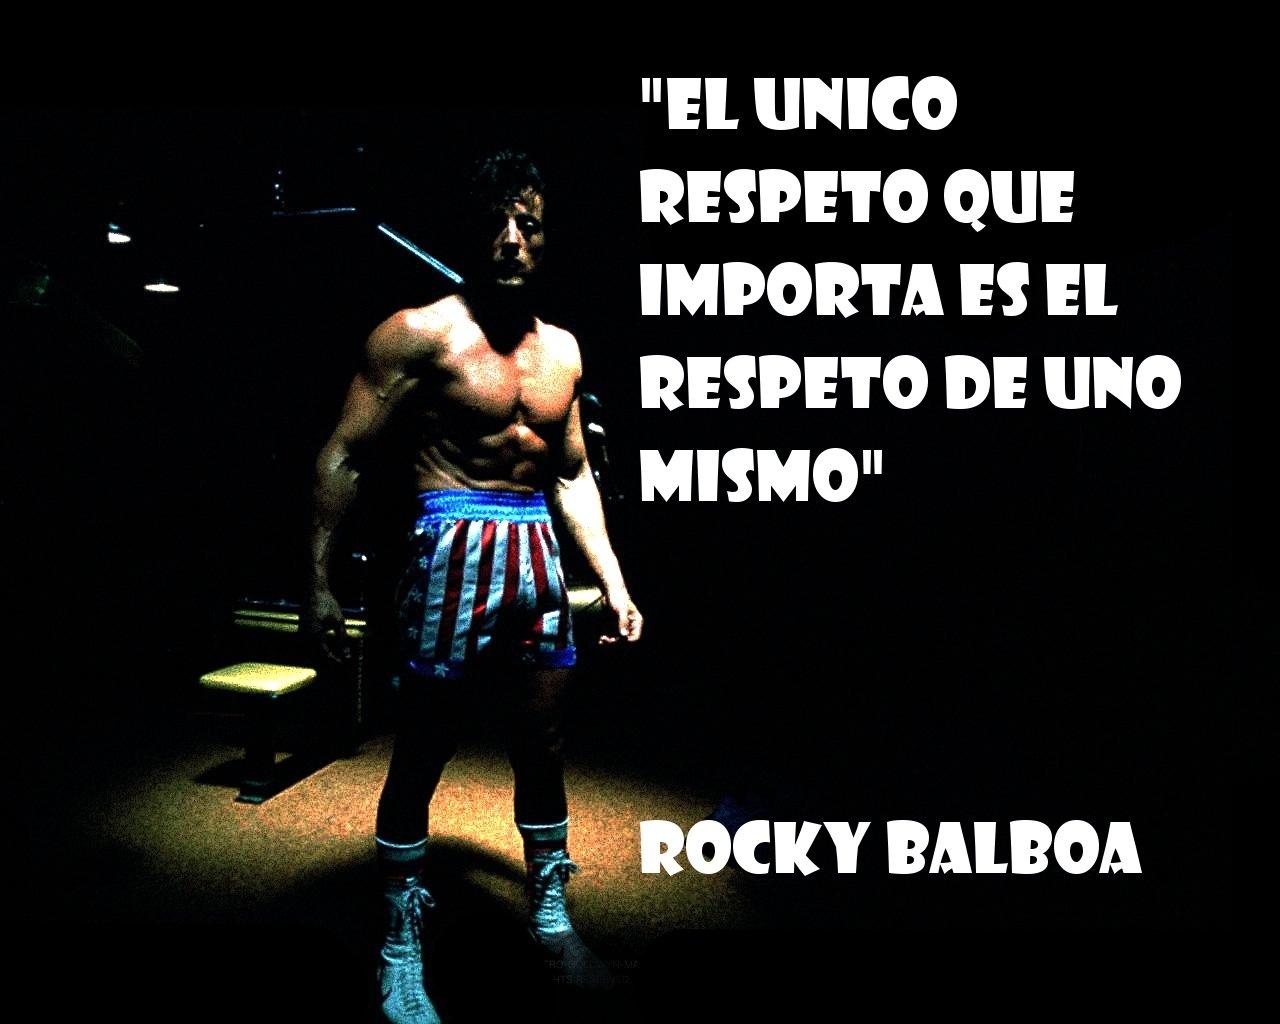 El unico respeto que importa es que te respetes a ti mismo